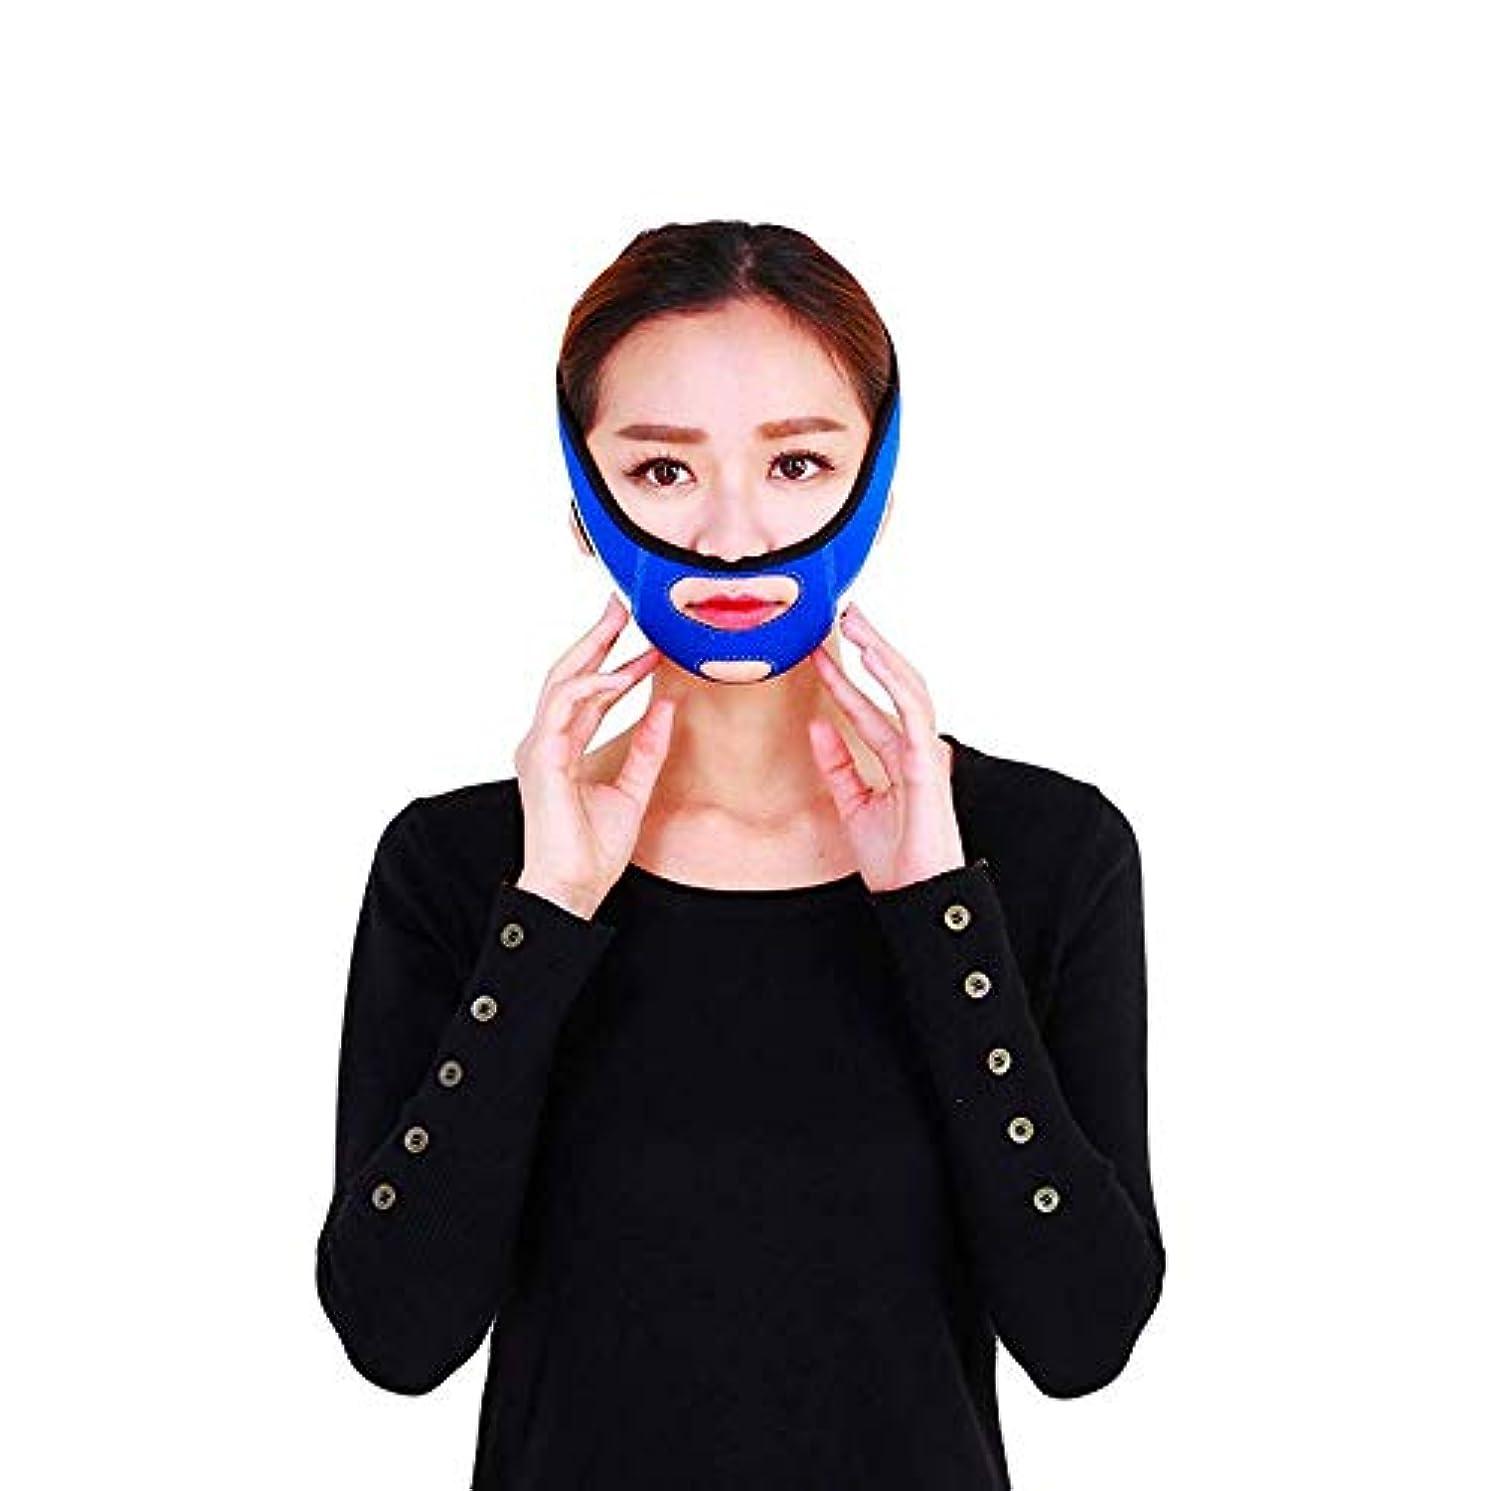 仮定リマーク送信する二重顎顔面矯正ツールであるフェースシェイプドマスクVfaceアーチファクトを強力に強化する包帯